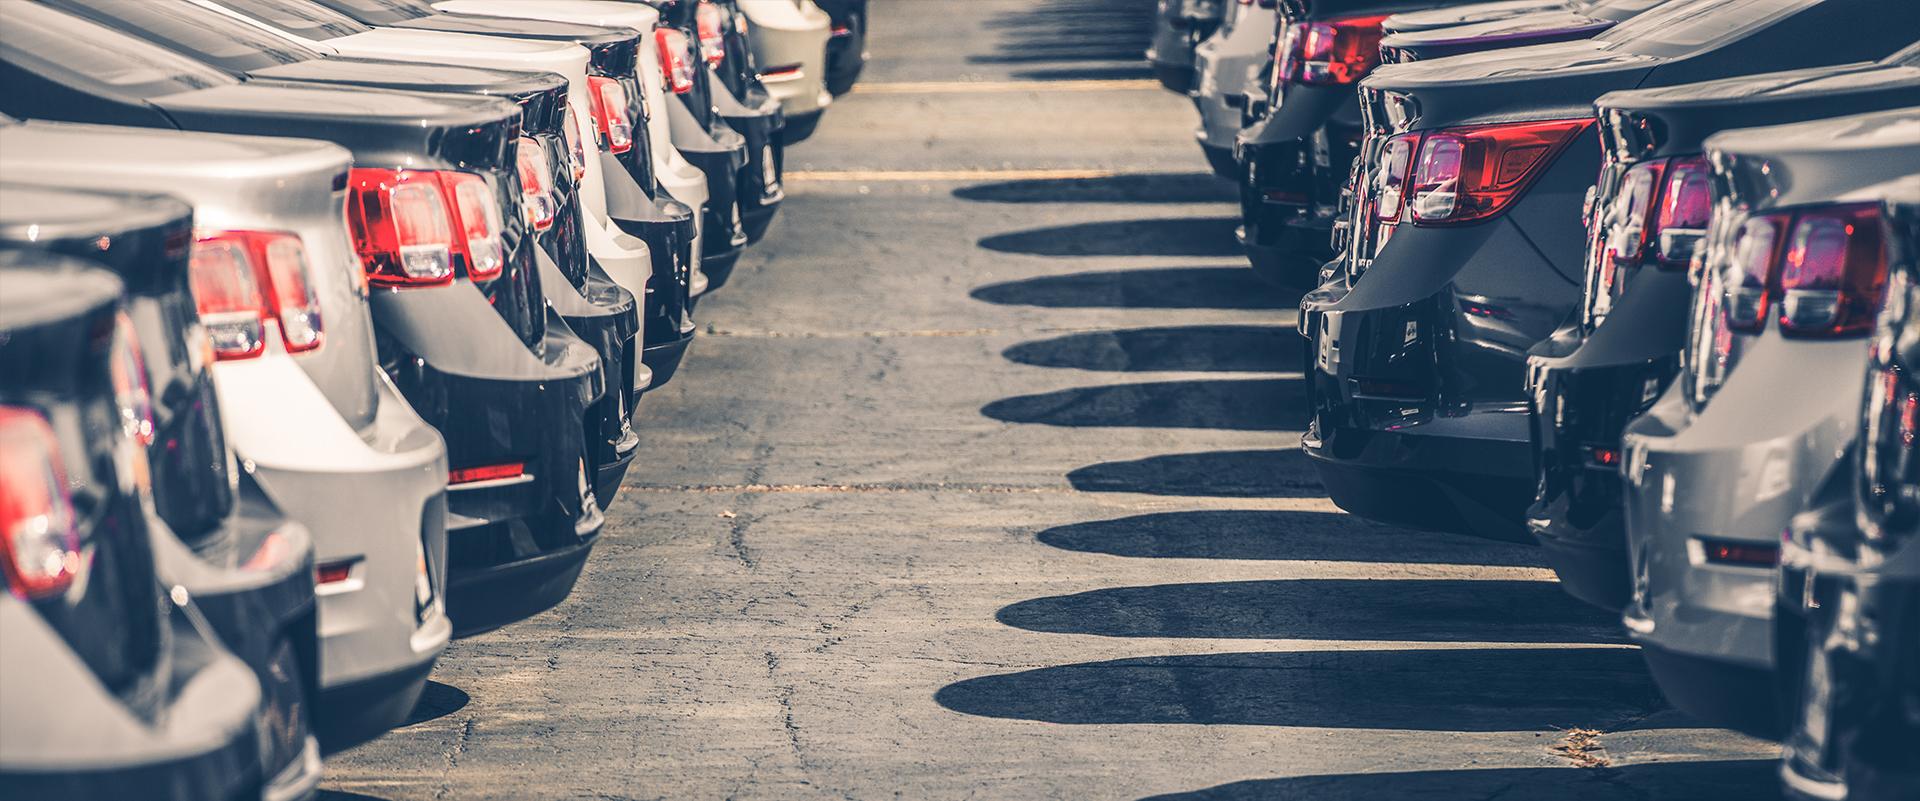 Emlak Rent a Car Araç Kiralama Hizmetinizdeyiz